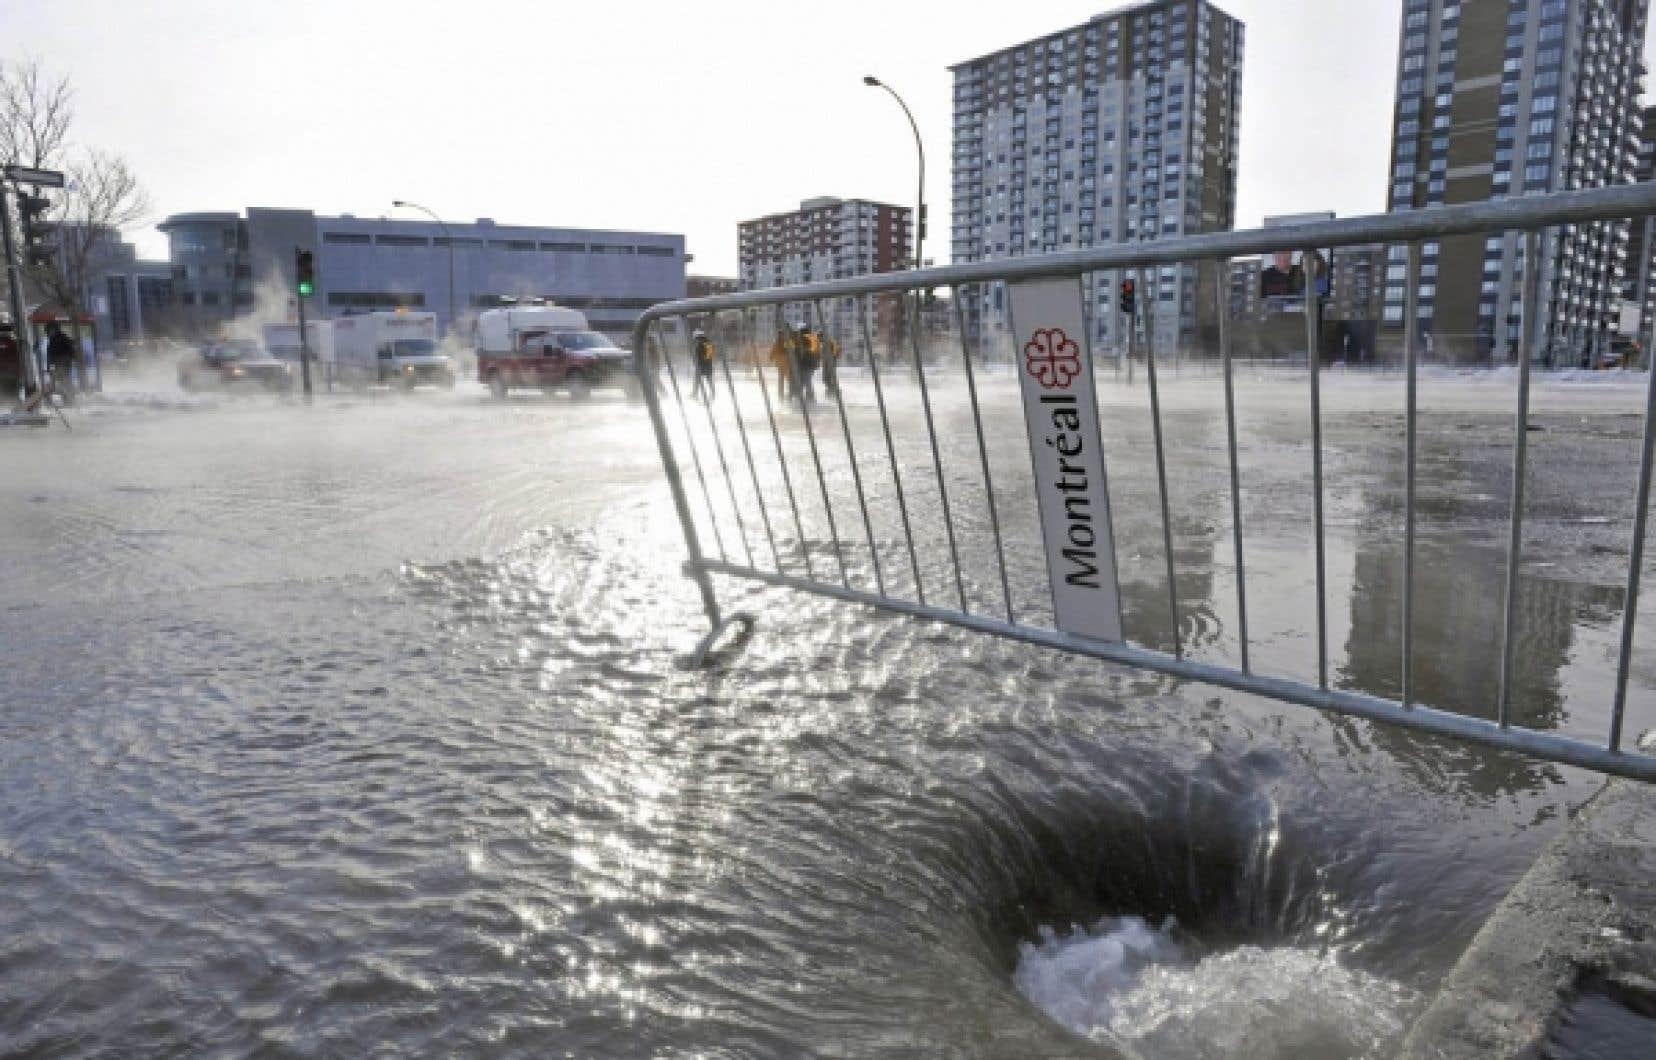 À Montréal, les pertes d'eau potable dues à des failles du réseau d'aqueduc représentent 40% de l'eau traitée. Le gouvernement québécois veut plafonner les pertes à 20 % dans les réseaux municipaux d'ici cinq ans. Ci-dessus, une inondation survenue dans la métropole à la suite du bris d'une conduite d'aqueduc en 2009.<br />